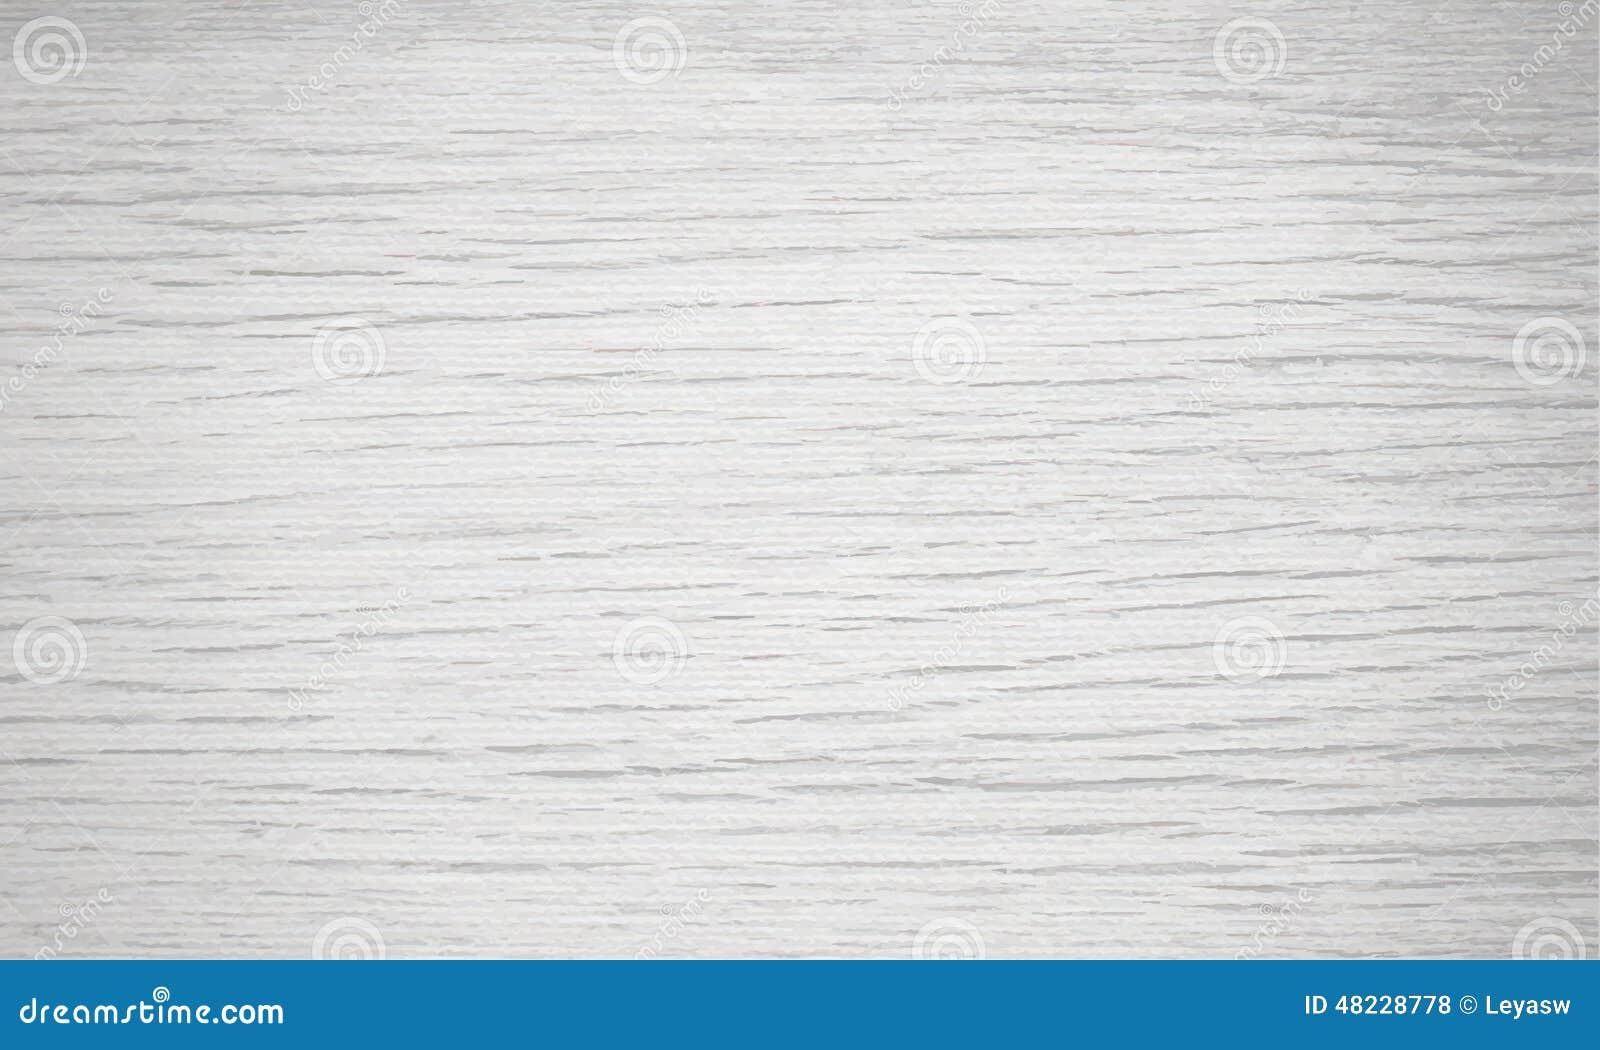 fond en bois gris clair de texture calibre horizontal d. Black Bedroom Furniture Sets. Home Design Ideas